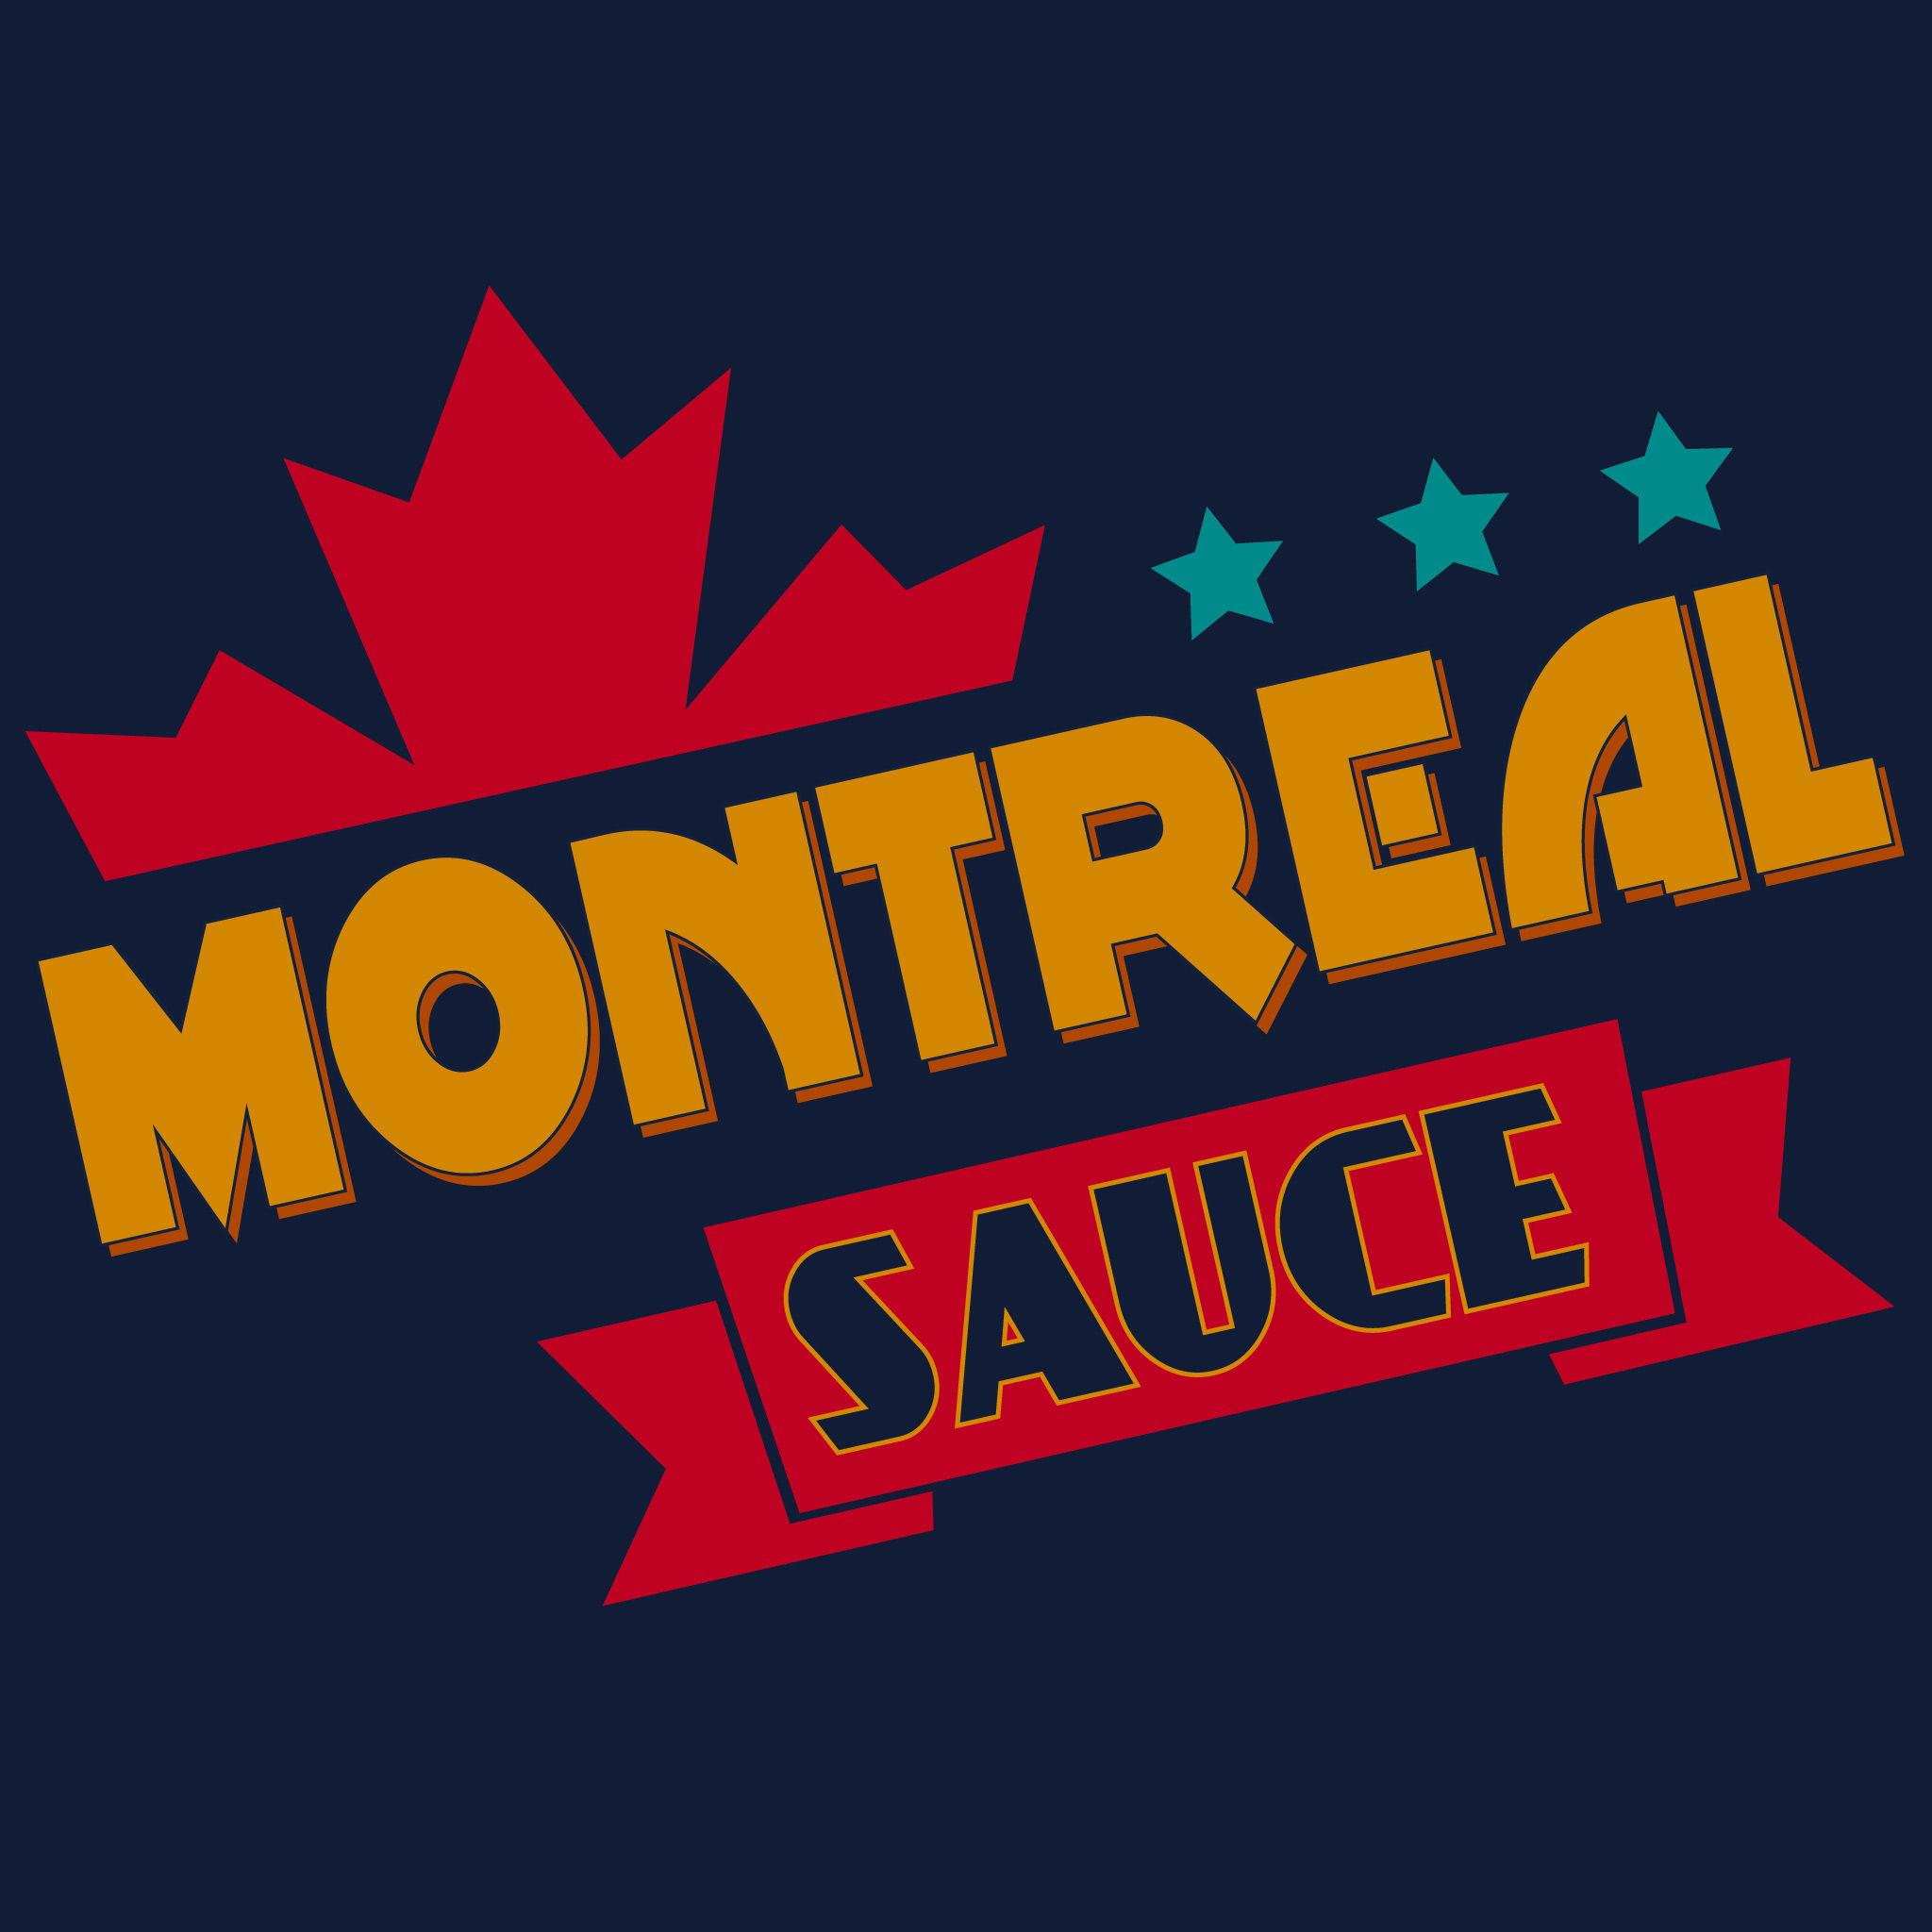 Montrealsauce.jpg